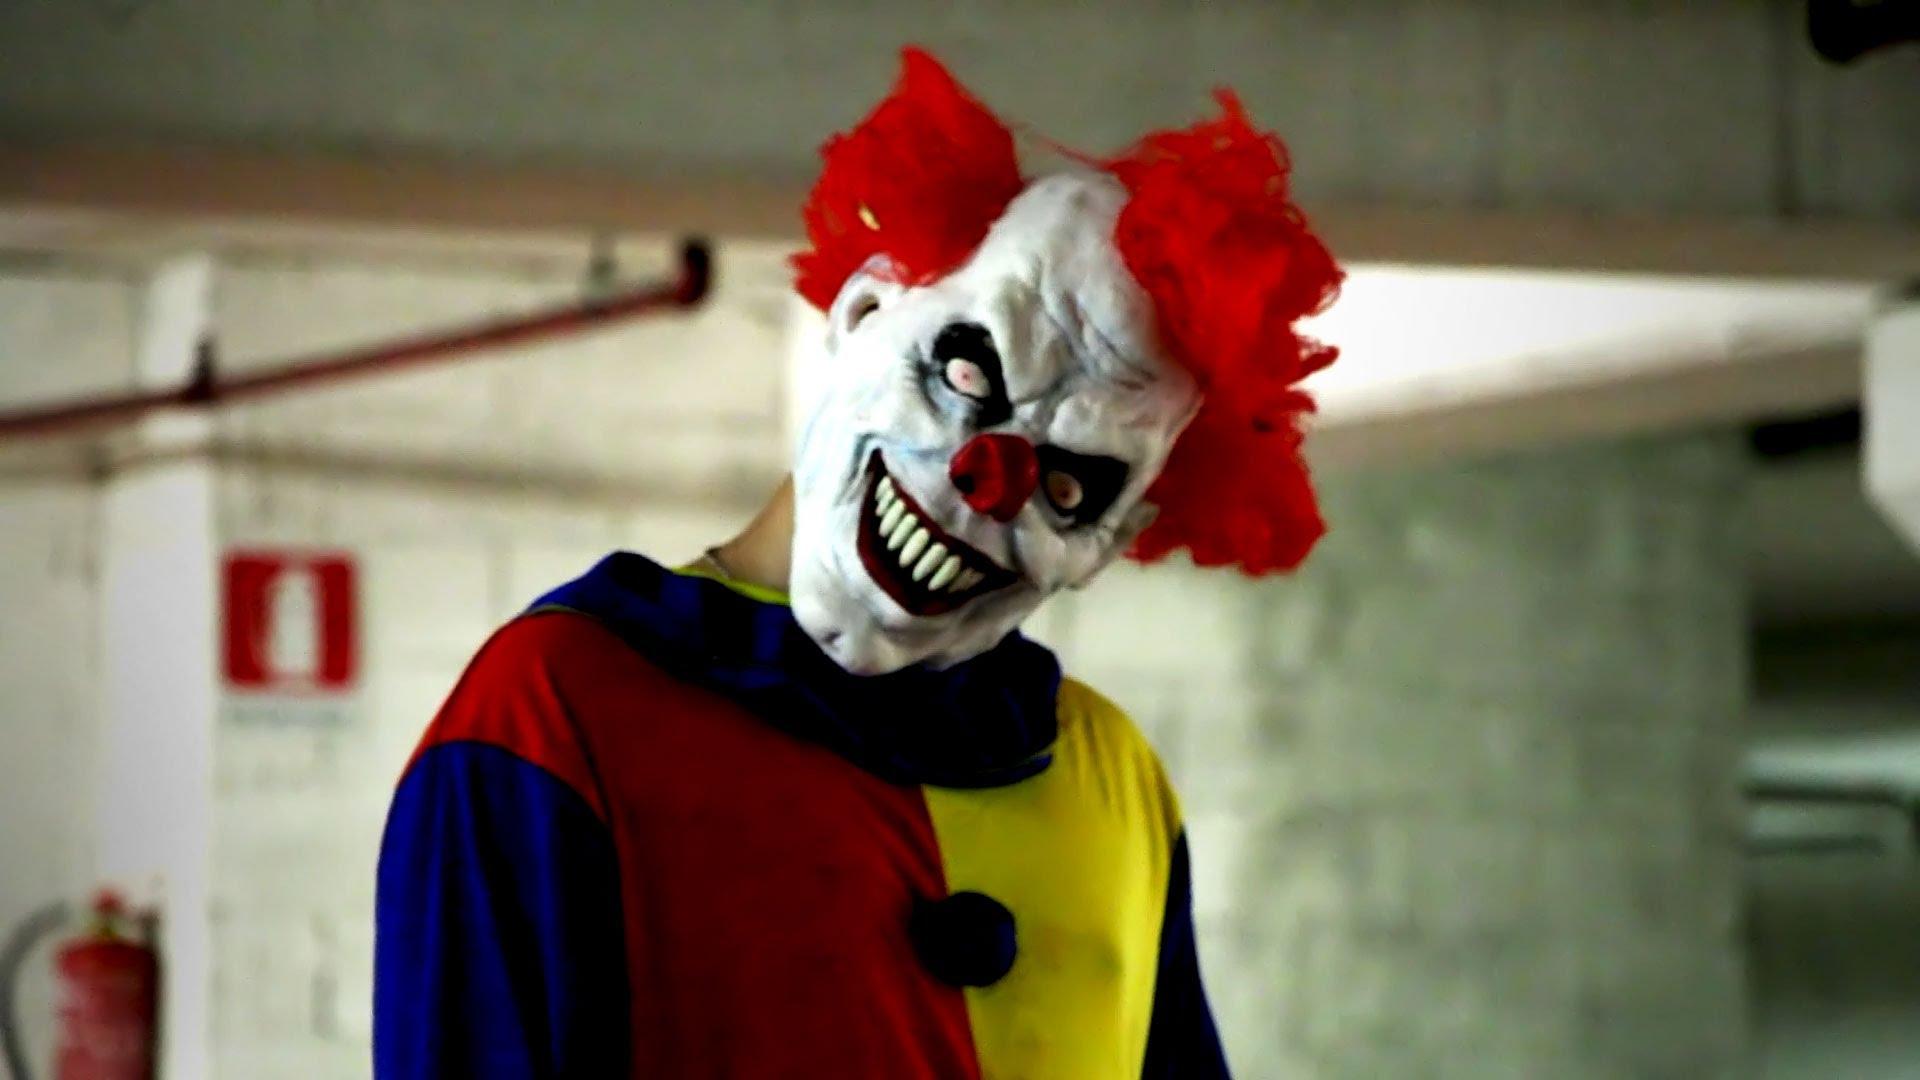 Тъпа шега се прецака, батка нокаутира клоун (ВИДЕО)